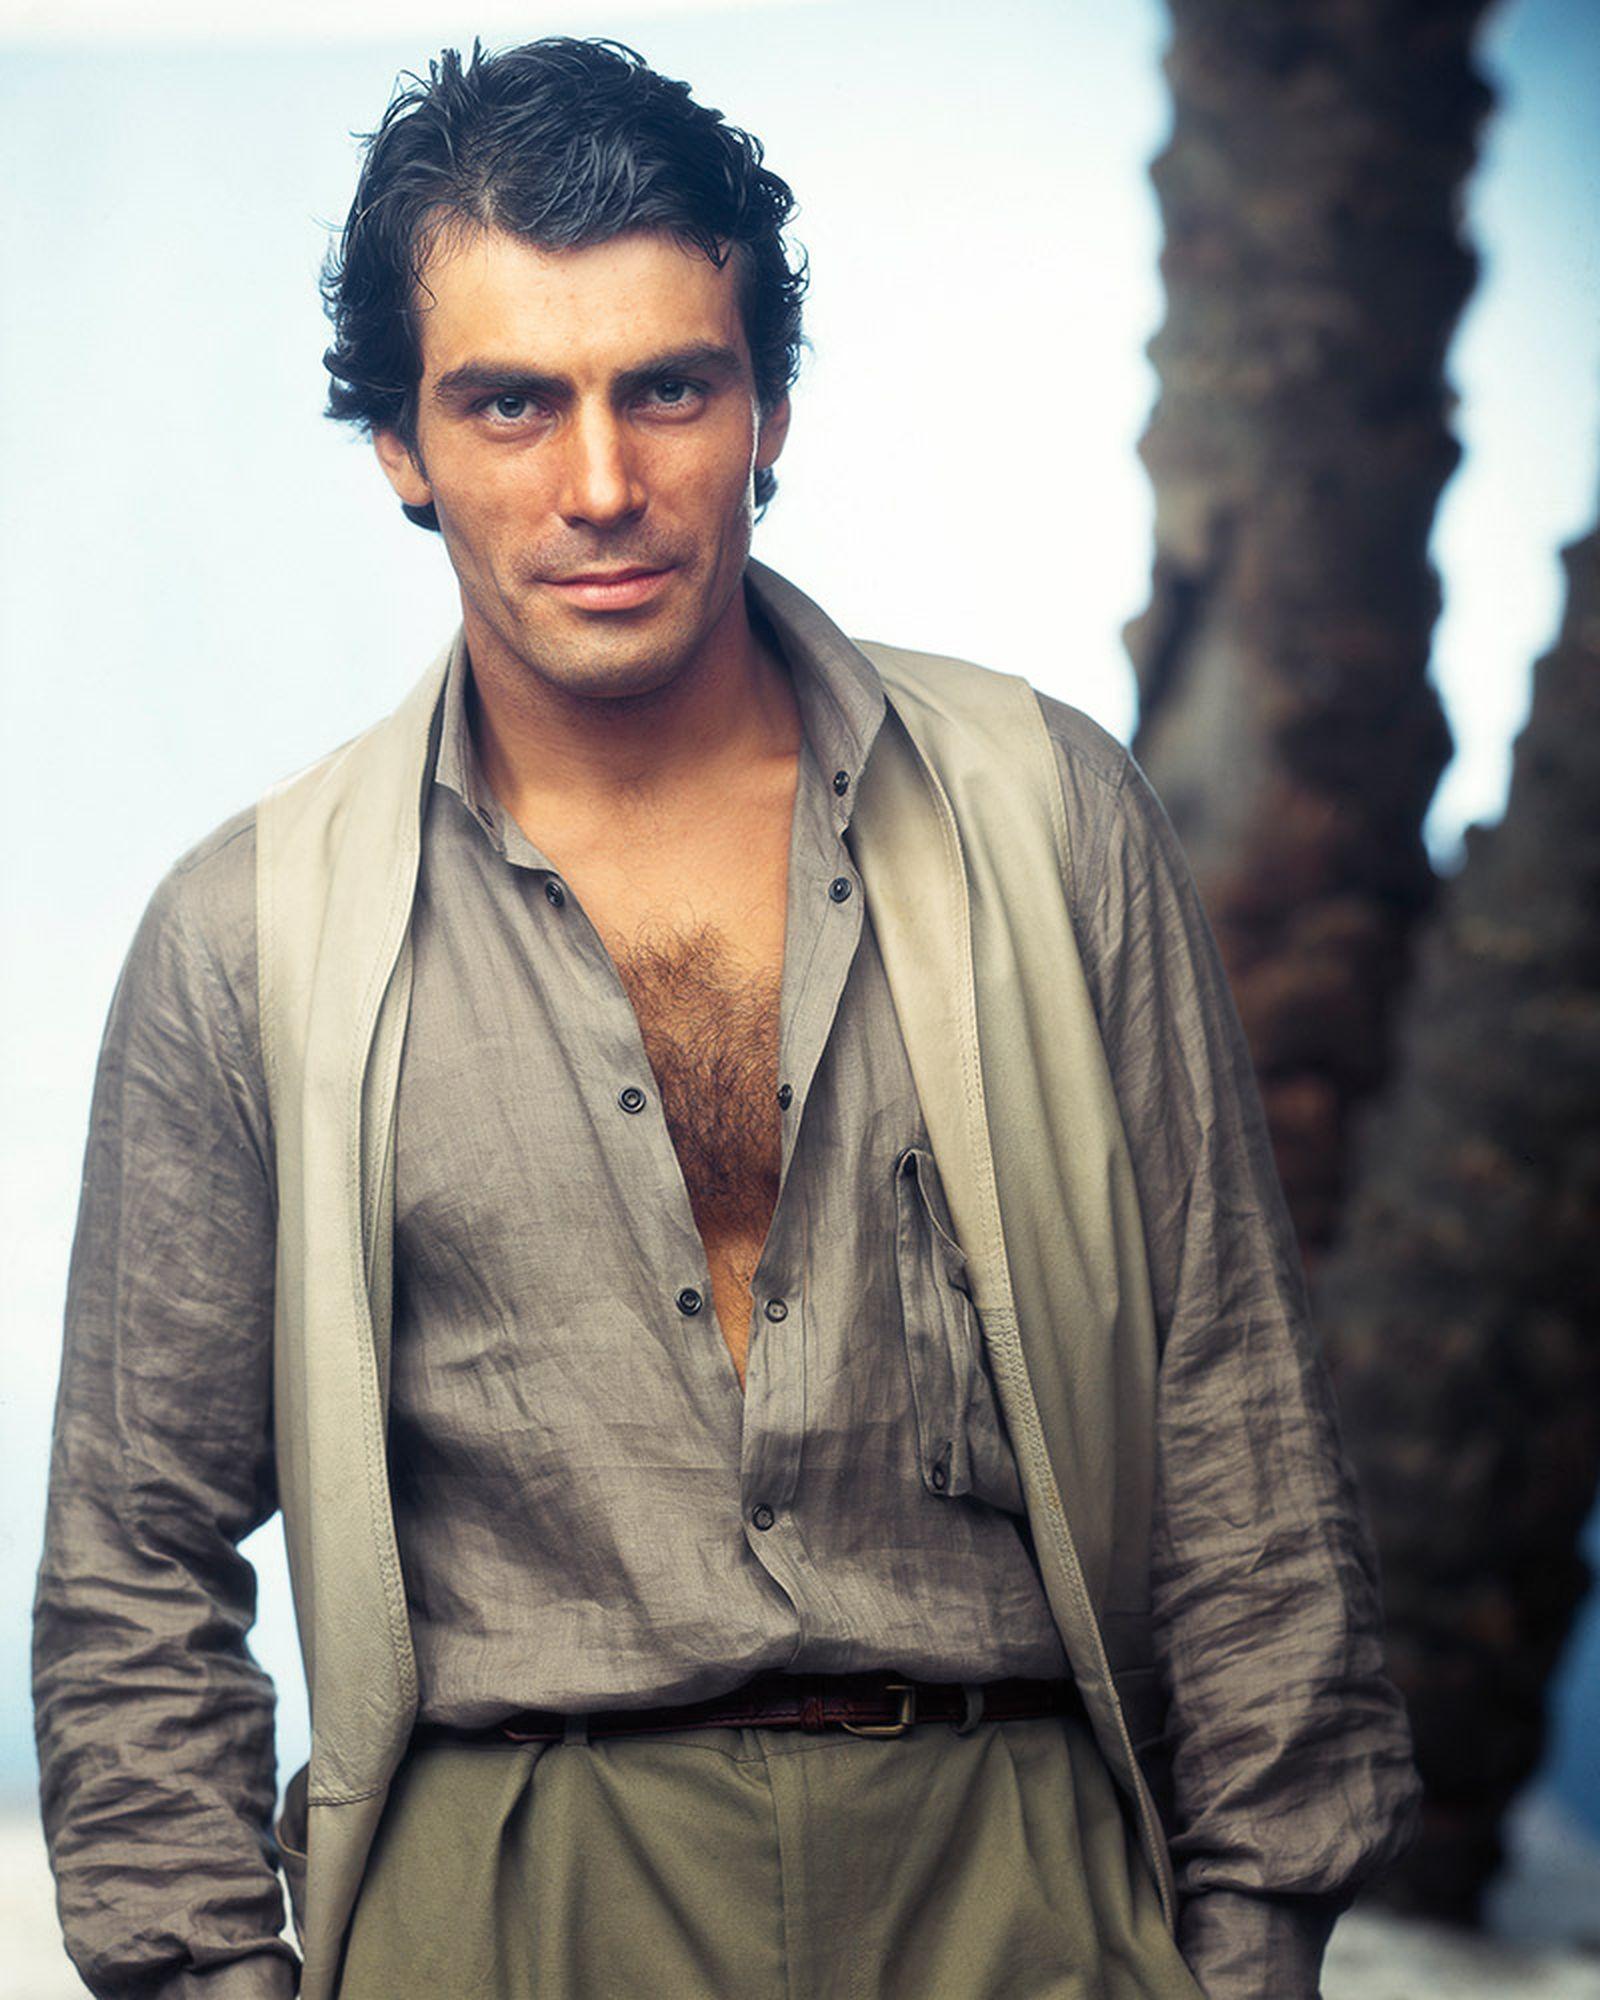 the-12-fashion-shows-that-changed-mens-fashion-giorgio-armani-ss-1976-05